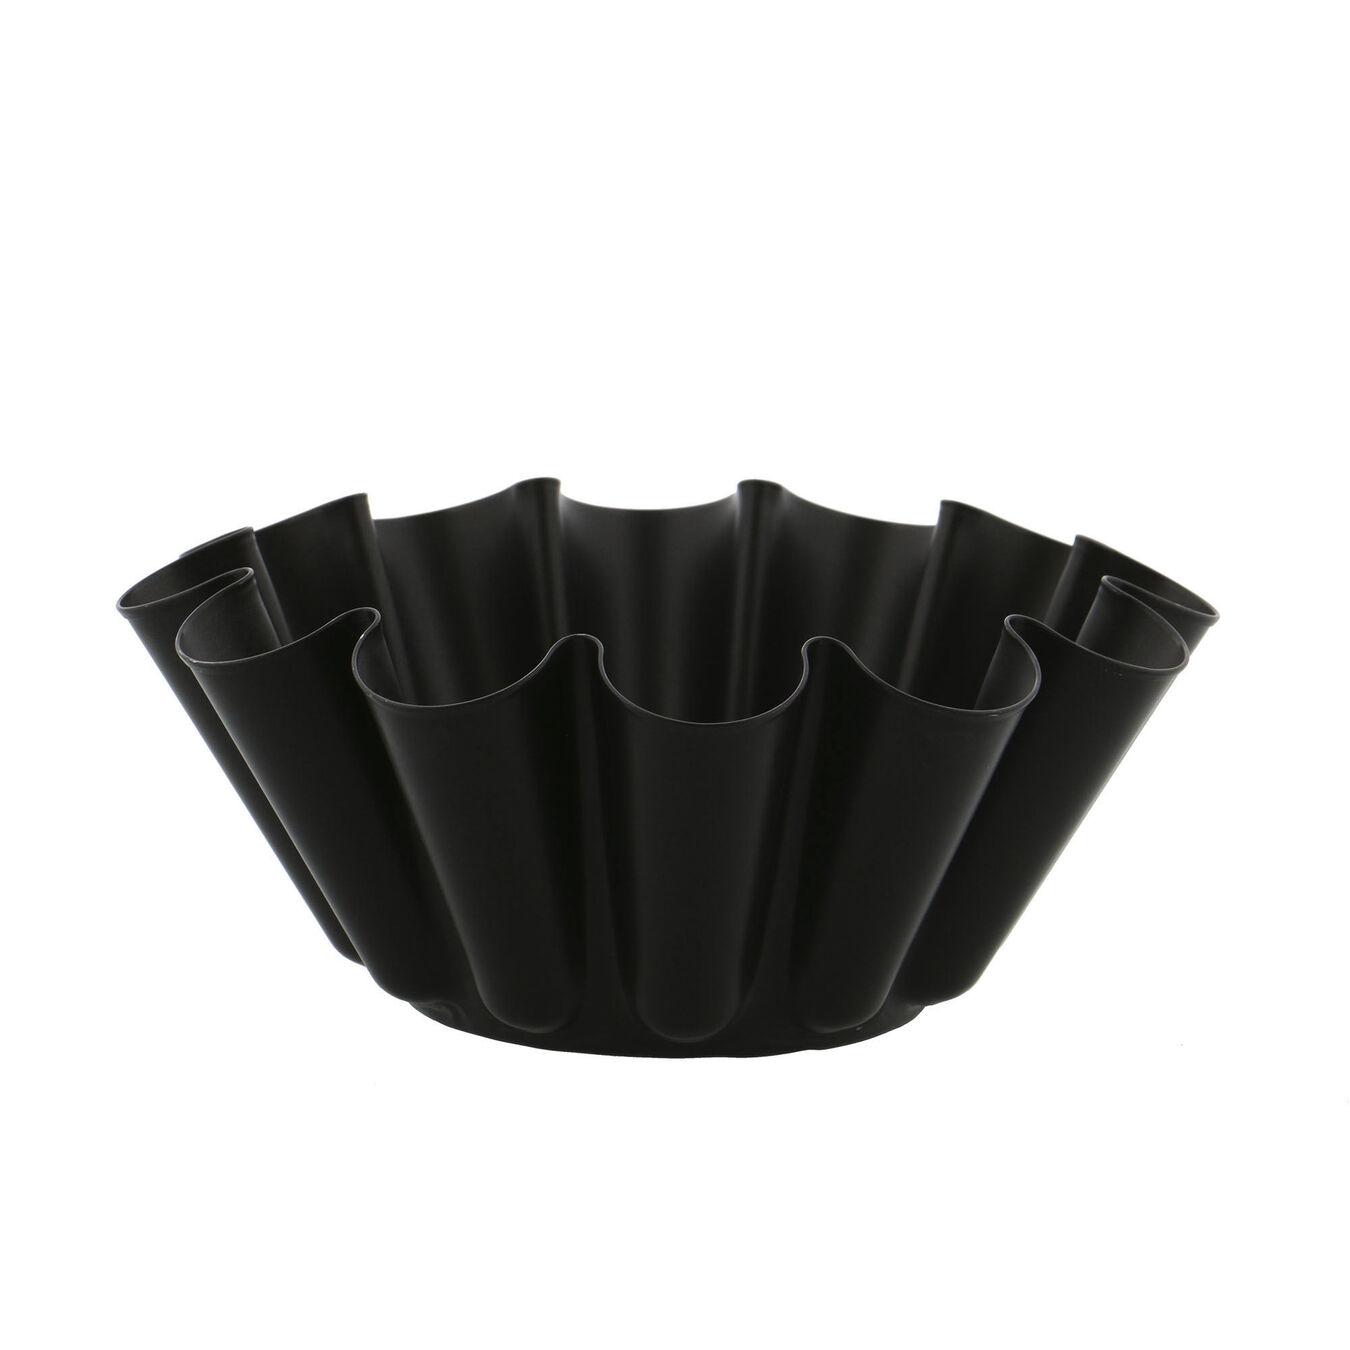 Özel Şekilli Fırın Kapları, yuvarlak | Siyah | Çelik,,large 1